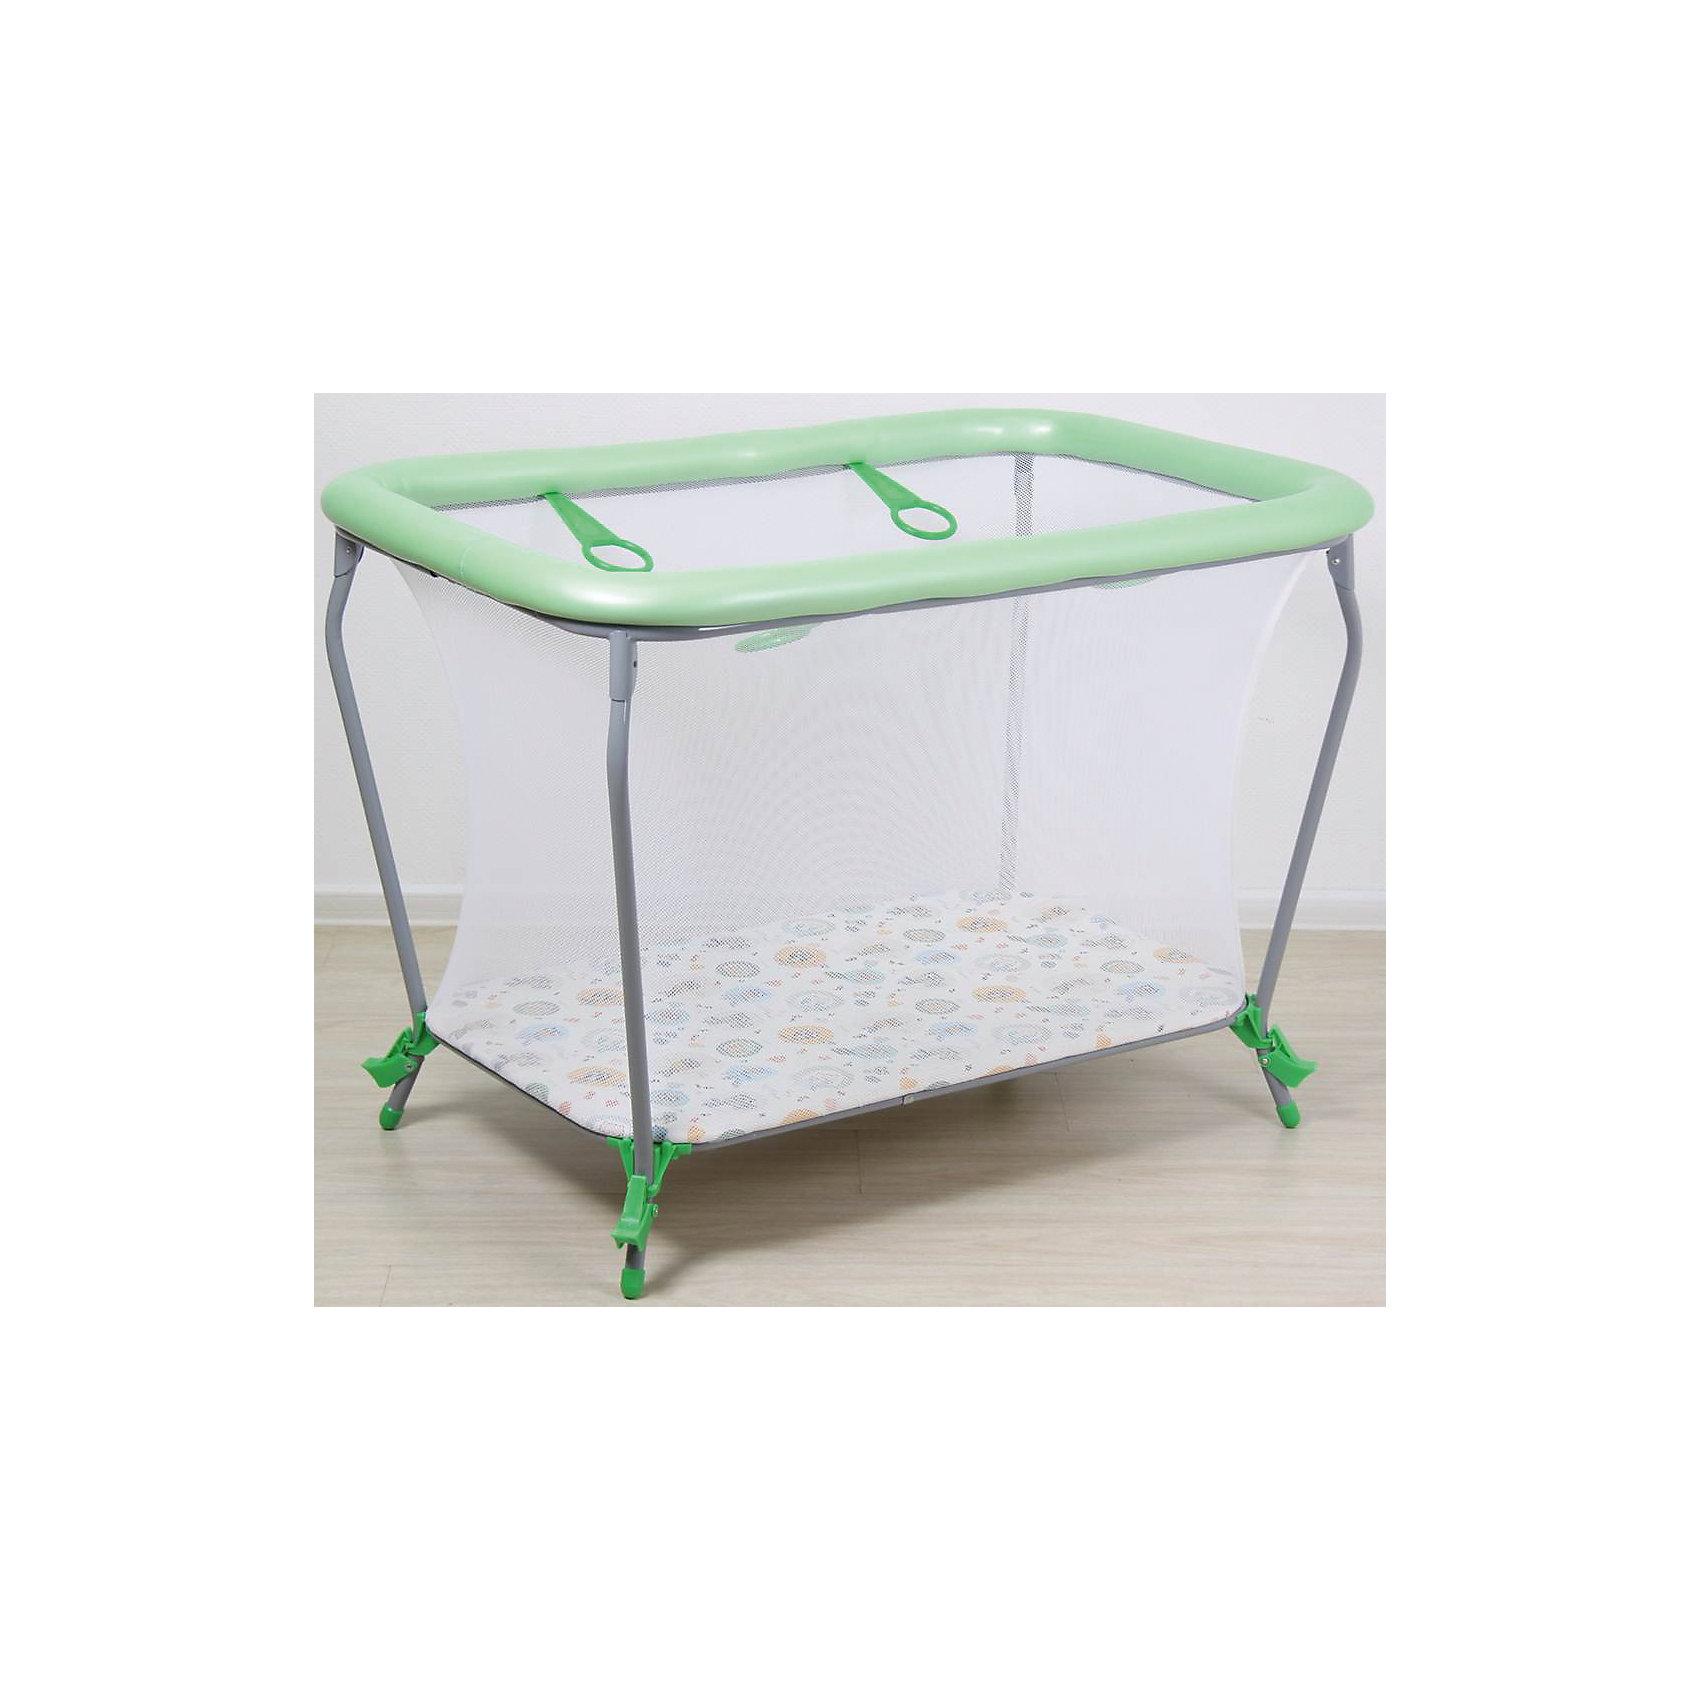 Манеж Классика Совы, Фея, зеленыйМанежи-кроватки<br>Характеристики товара:<br><br>• возраст от 6 месяцев;<br>• материал: пластик, текстиль;<br>• тип складывания: книжка<br>• имеет 4 ручки-кольца для ребёнка<br>• сетка с круговым обзором<br>• покрытие легко моется<br>• размер манежа 107х73х77 см;<br>• вес 10 кг;<br>• страна производитель: Россия.<br><br>Манеж Классика «Совы» Фея зеленый подойдет как для игр, так и для отдыха ребенка. Стенки выполнены из сетчатого материала, который обеспечивает циркуляцию воздуха, а также хороший обзор для присмотра за ребенком. <br><br>Бортики обтянуты материалом и не имеют острых углов, что позволит избежать случайных травм. На бортиках расположены 4 кольца, держась за которые, малыш учится вставать самостоятельно. <br><br>Манеж легко складывается и не занимает много места. Изготовлен из безопасных материалов с использованием нетоксичных красителей. Материал прост в уходе, легко протирается влажной губкой.<br><br>Манеж Классика «Совы» Фея зеленый можно приобрести в нашем интернет-магазине.<br><br>Ширина мм: 1070<br>Глубина мм: 730<br>Высота мм: 770<br>Вес г: 10000<br>Цвет: зеленый<br>Возраст от месяцев: 6<br>Возраст до месяцев: 36<br>Пол: Унисекс<br>Возраст: Детский<br>SKU: 5610448